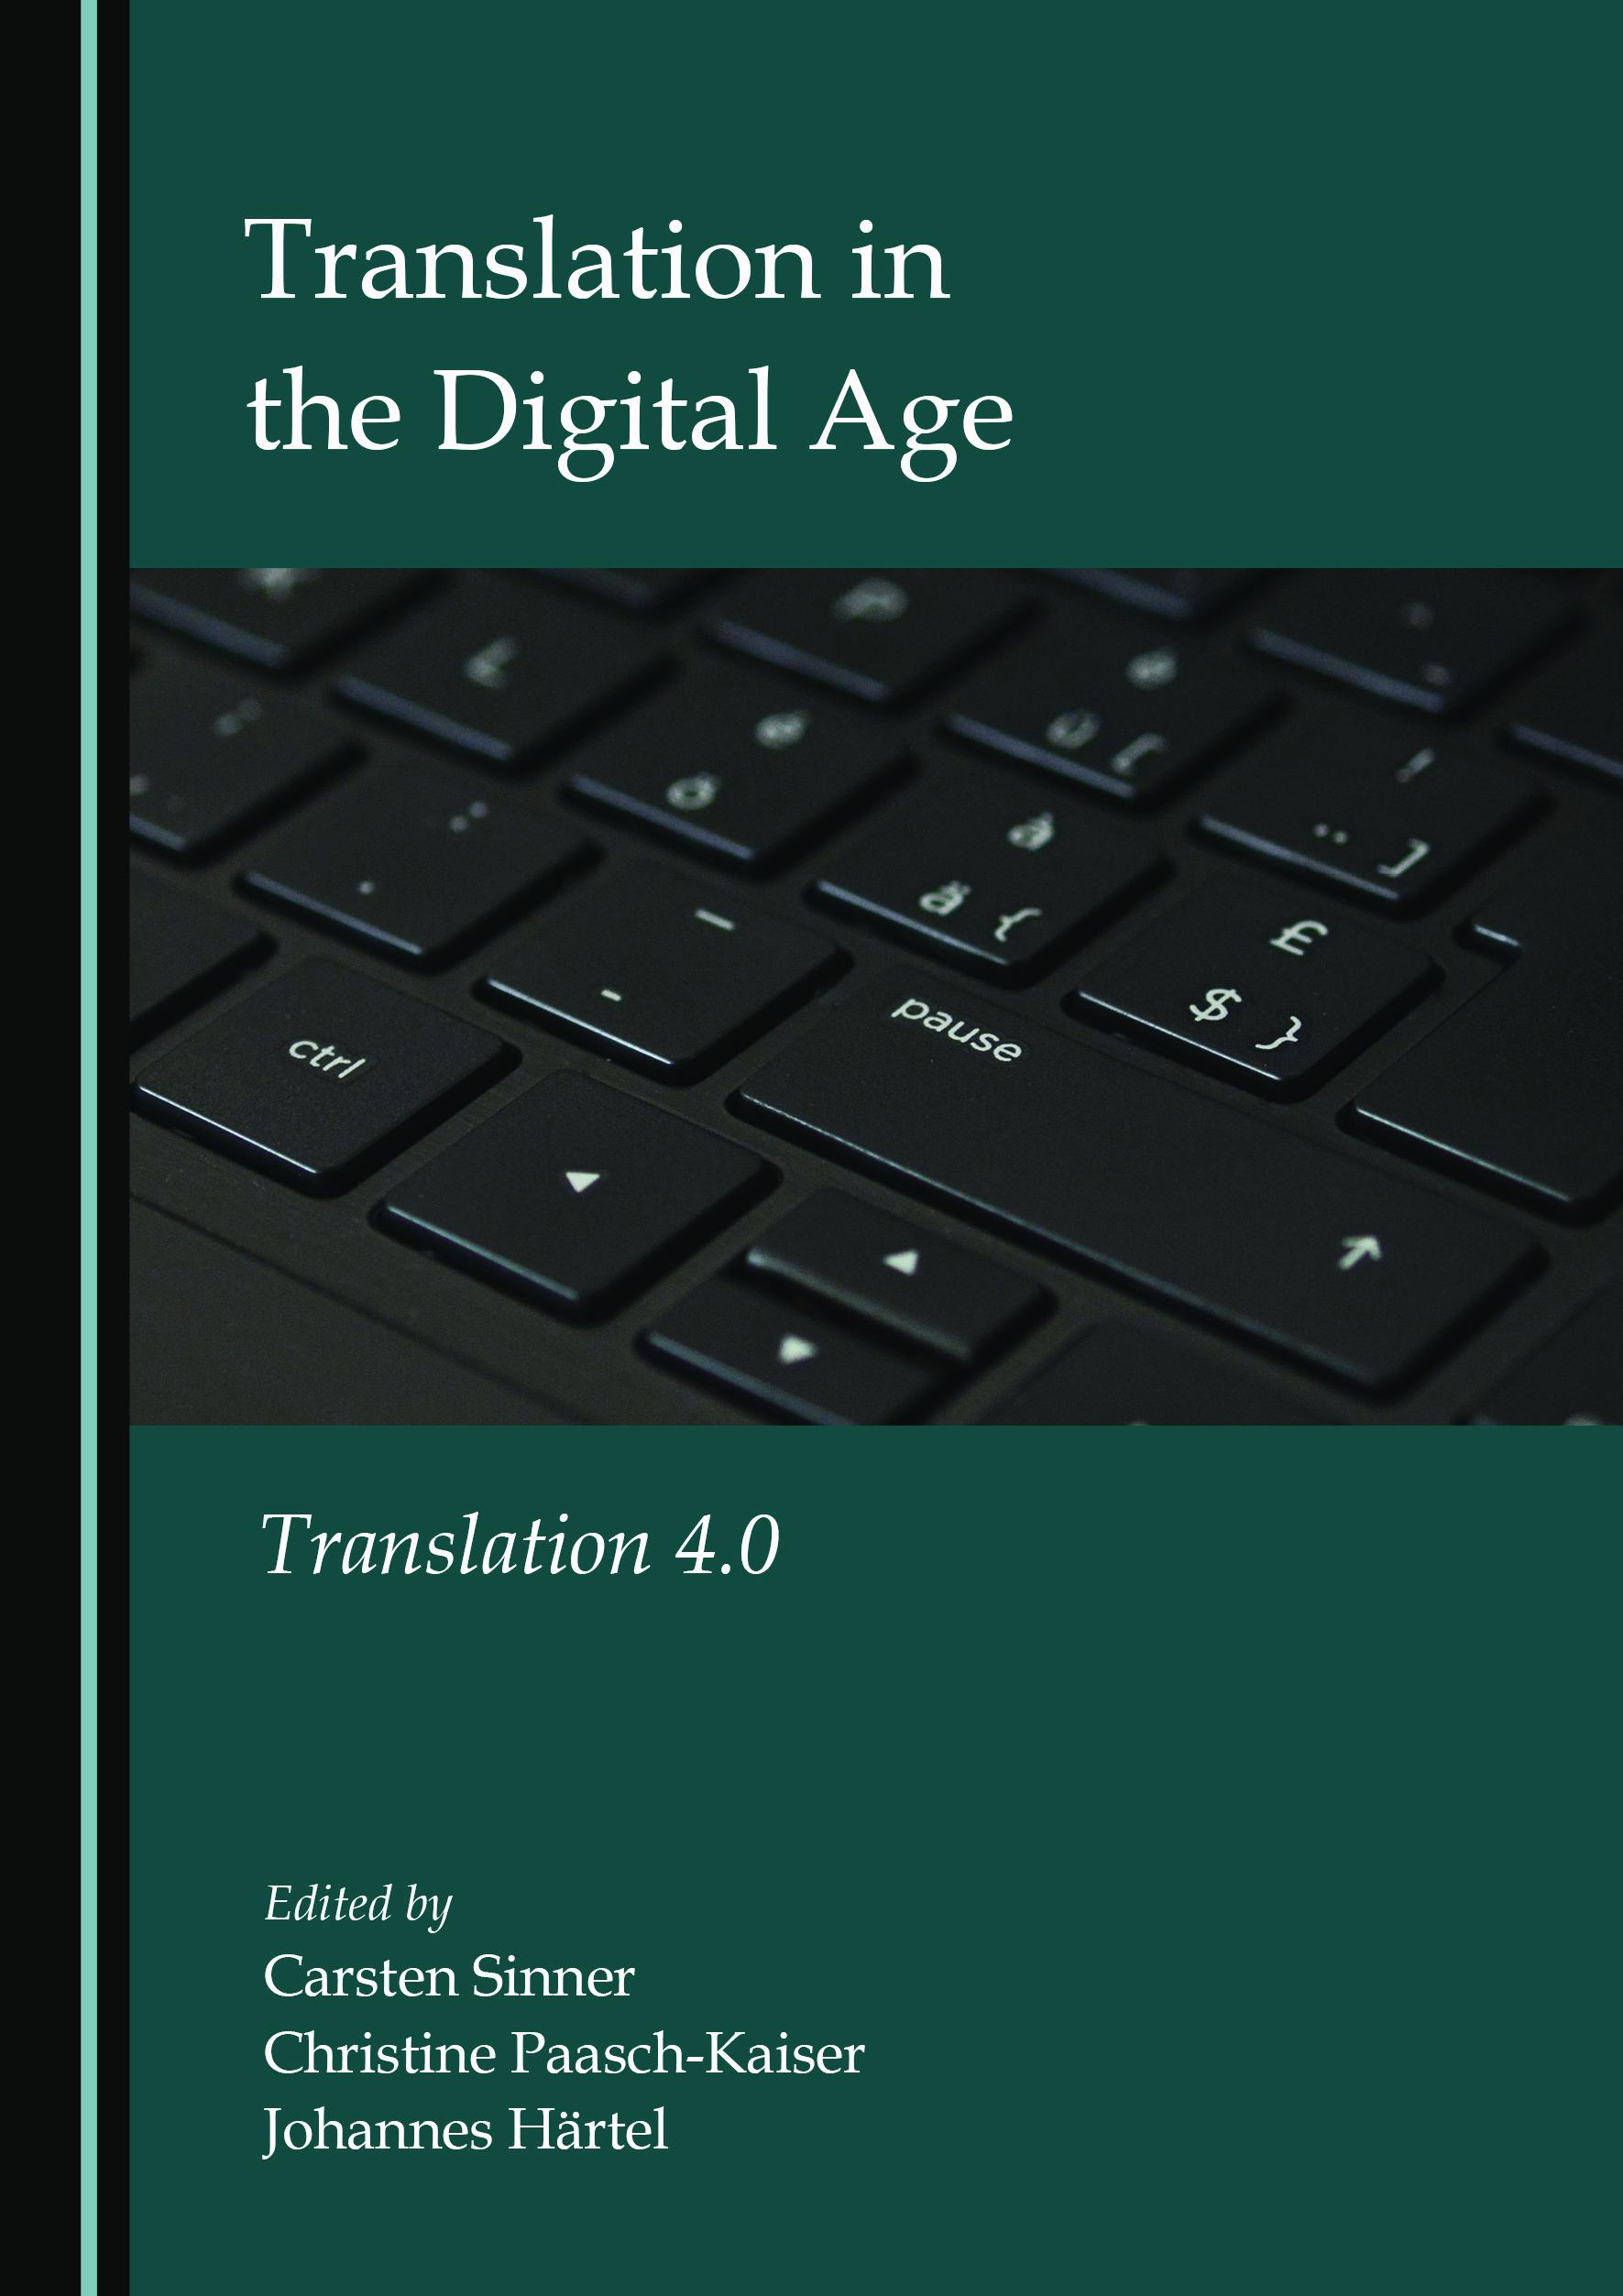 Translation in the Digital Age: Translation 4.0